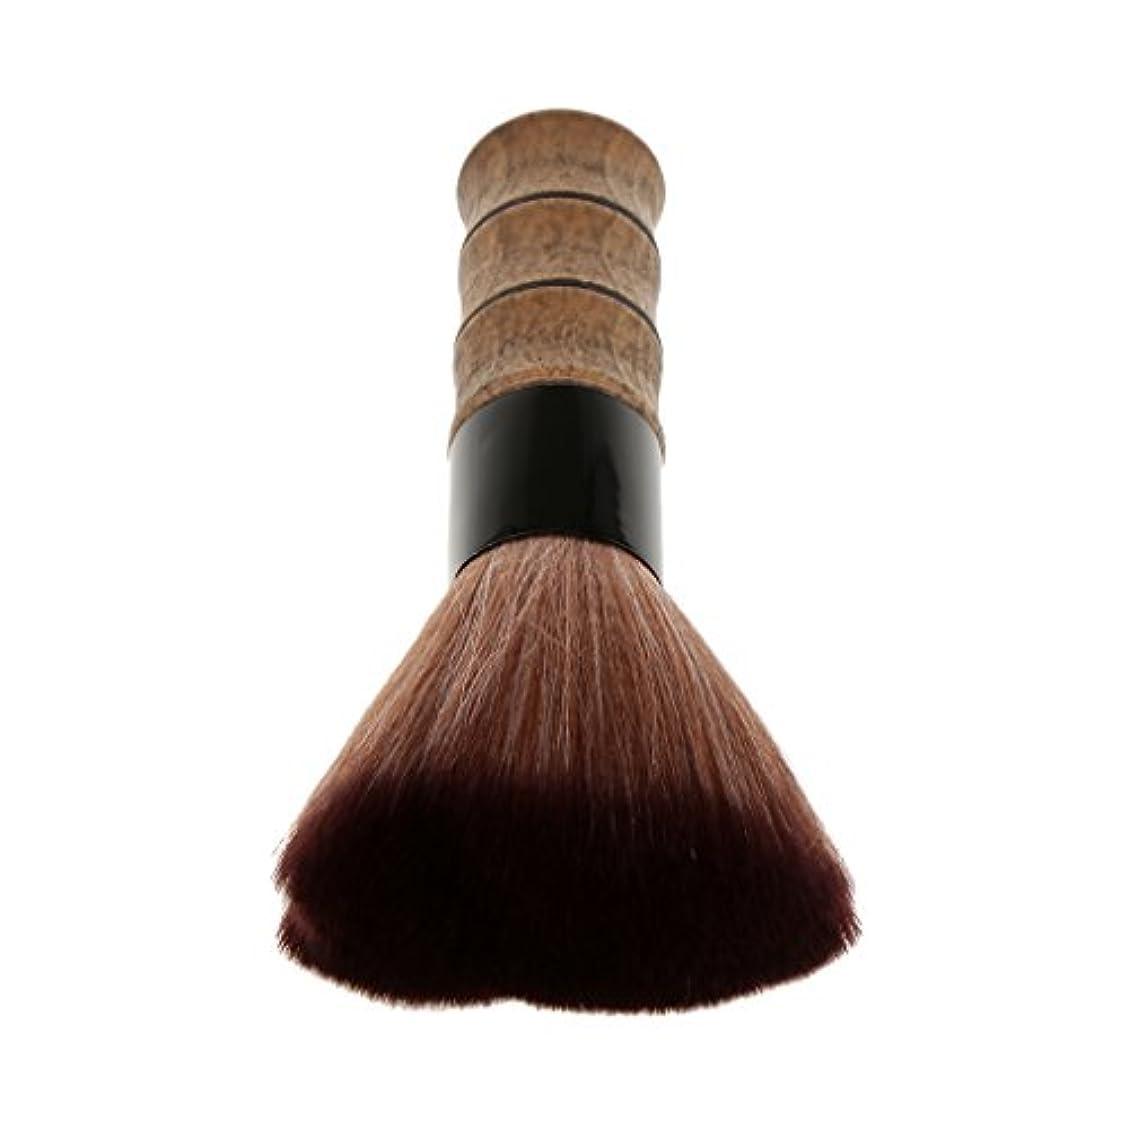 発生器ニックネーム抗議Fenteer シェービングブラシ ソフトファイバー 脱毛 シェービング ブラシ ブラッシュ ルーズパウダー メイクブラシ 繊維+竹ハンドル 2色選べる - 褐色